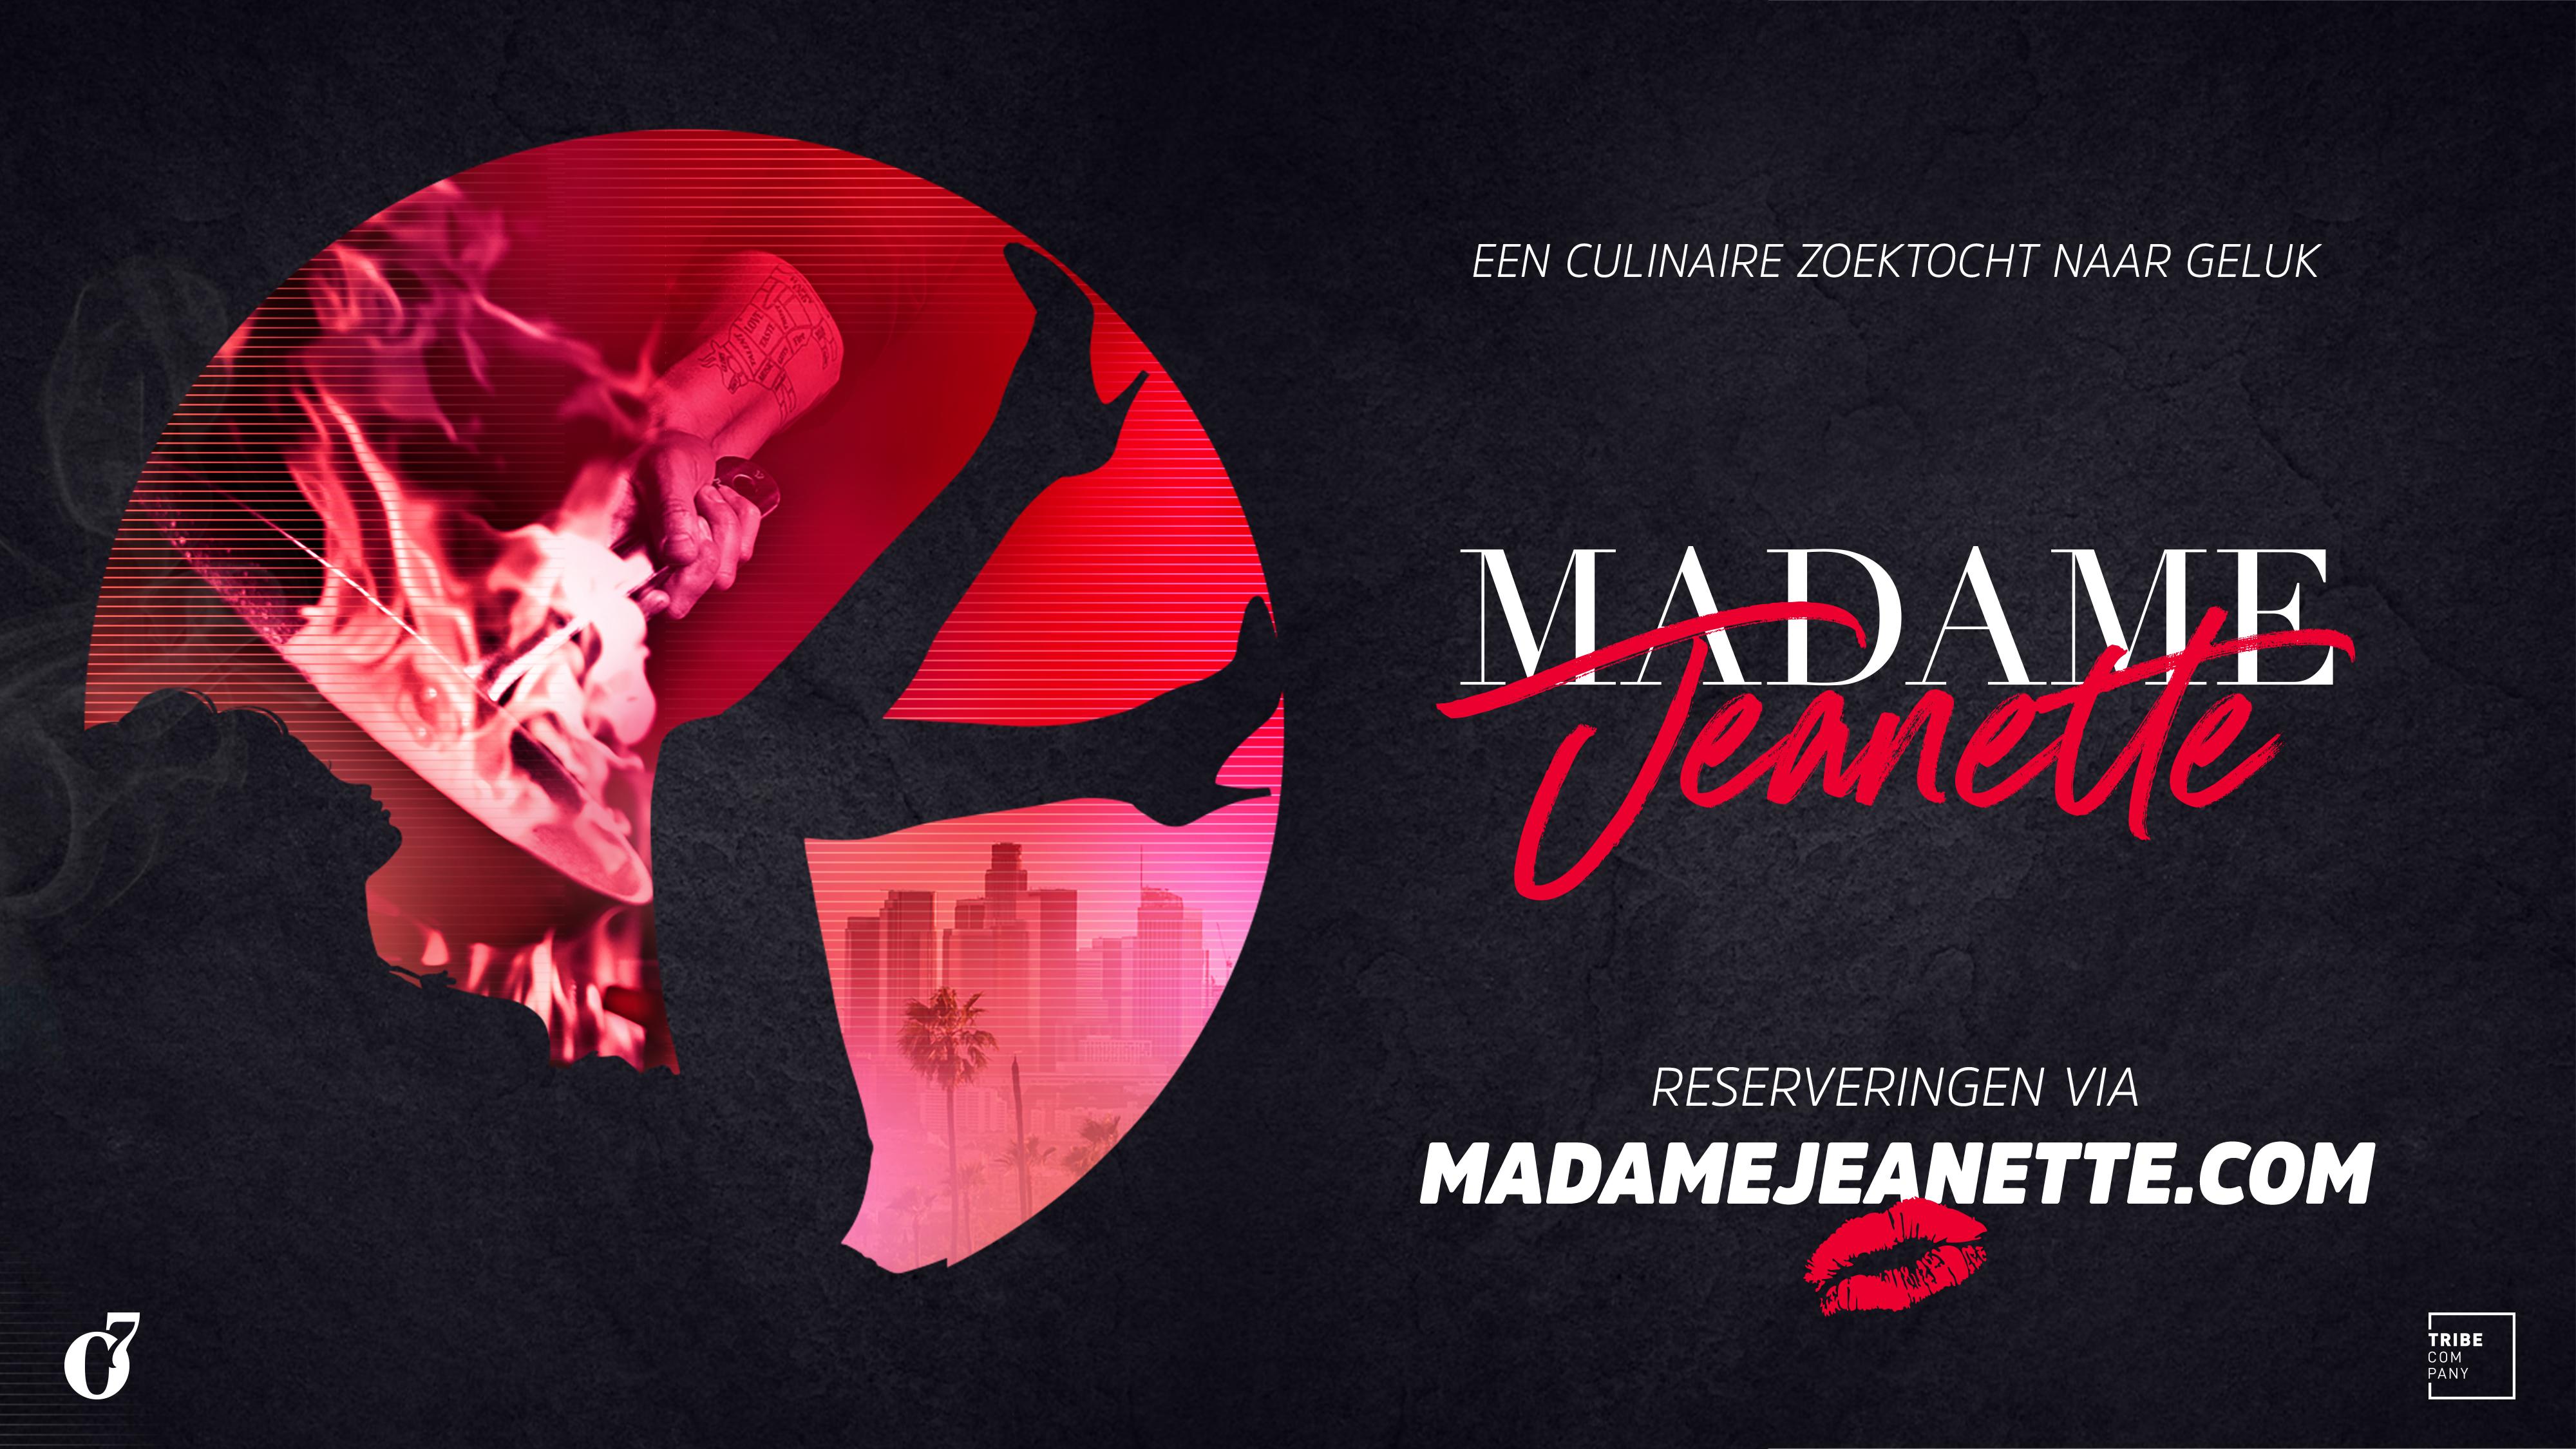 Madame Jeanette in Studio 21